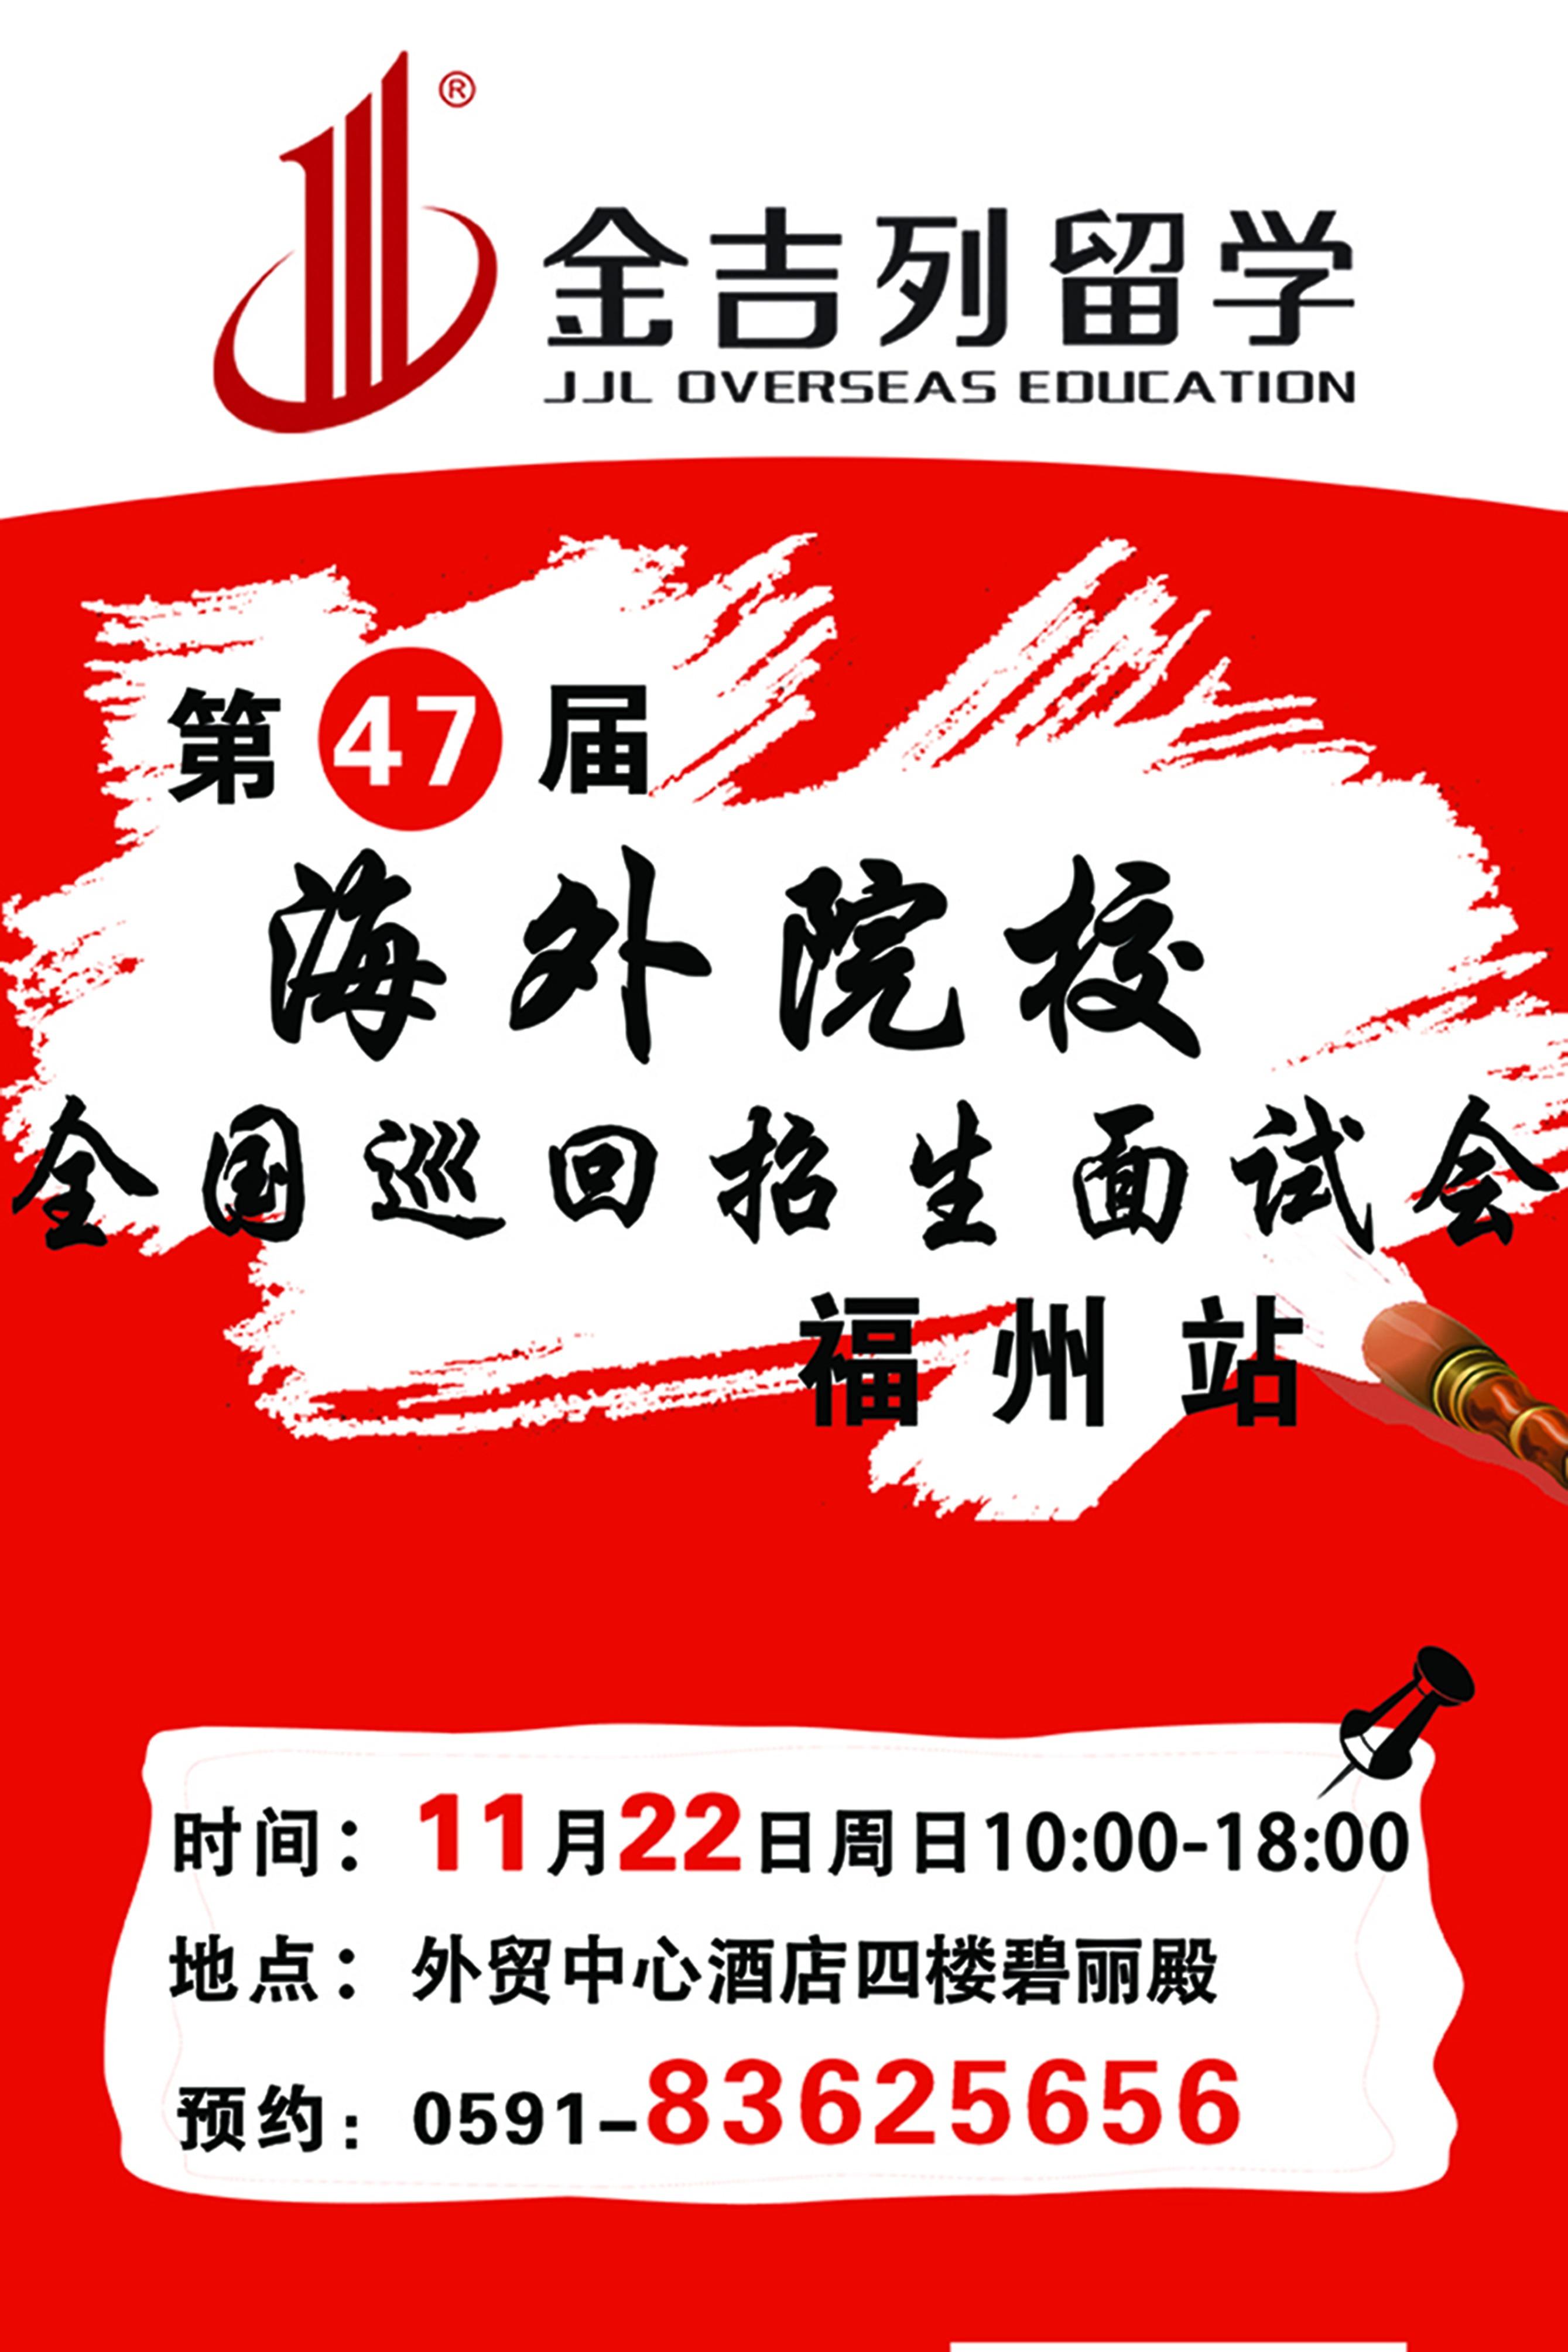 金吉列留学第47届海外院校全国巡回招生面试会福州站